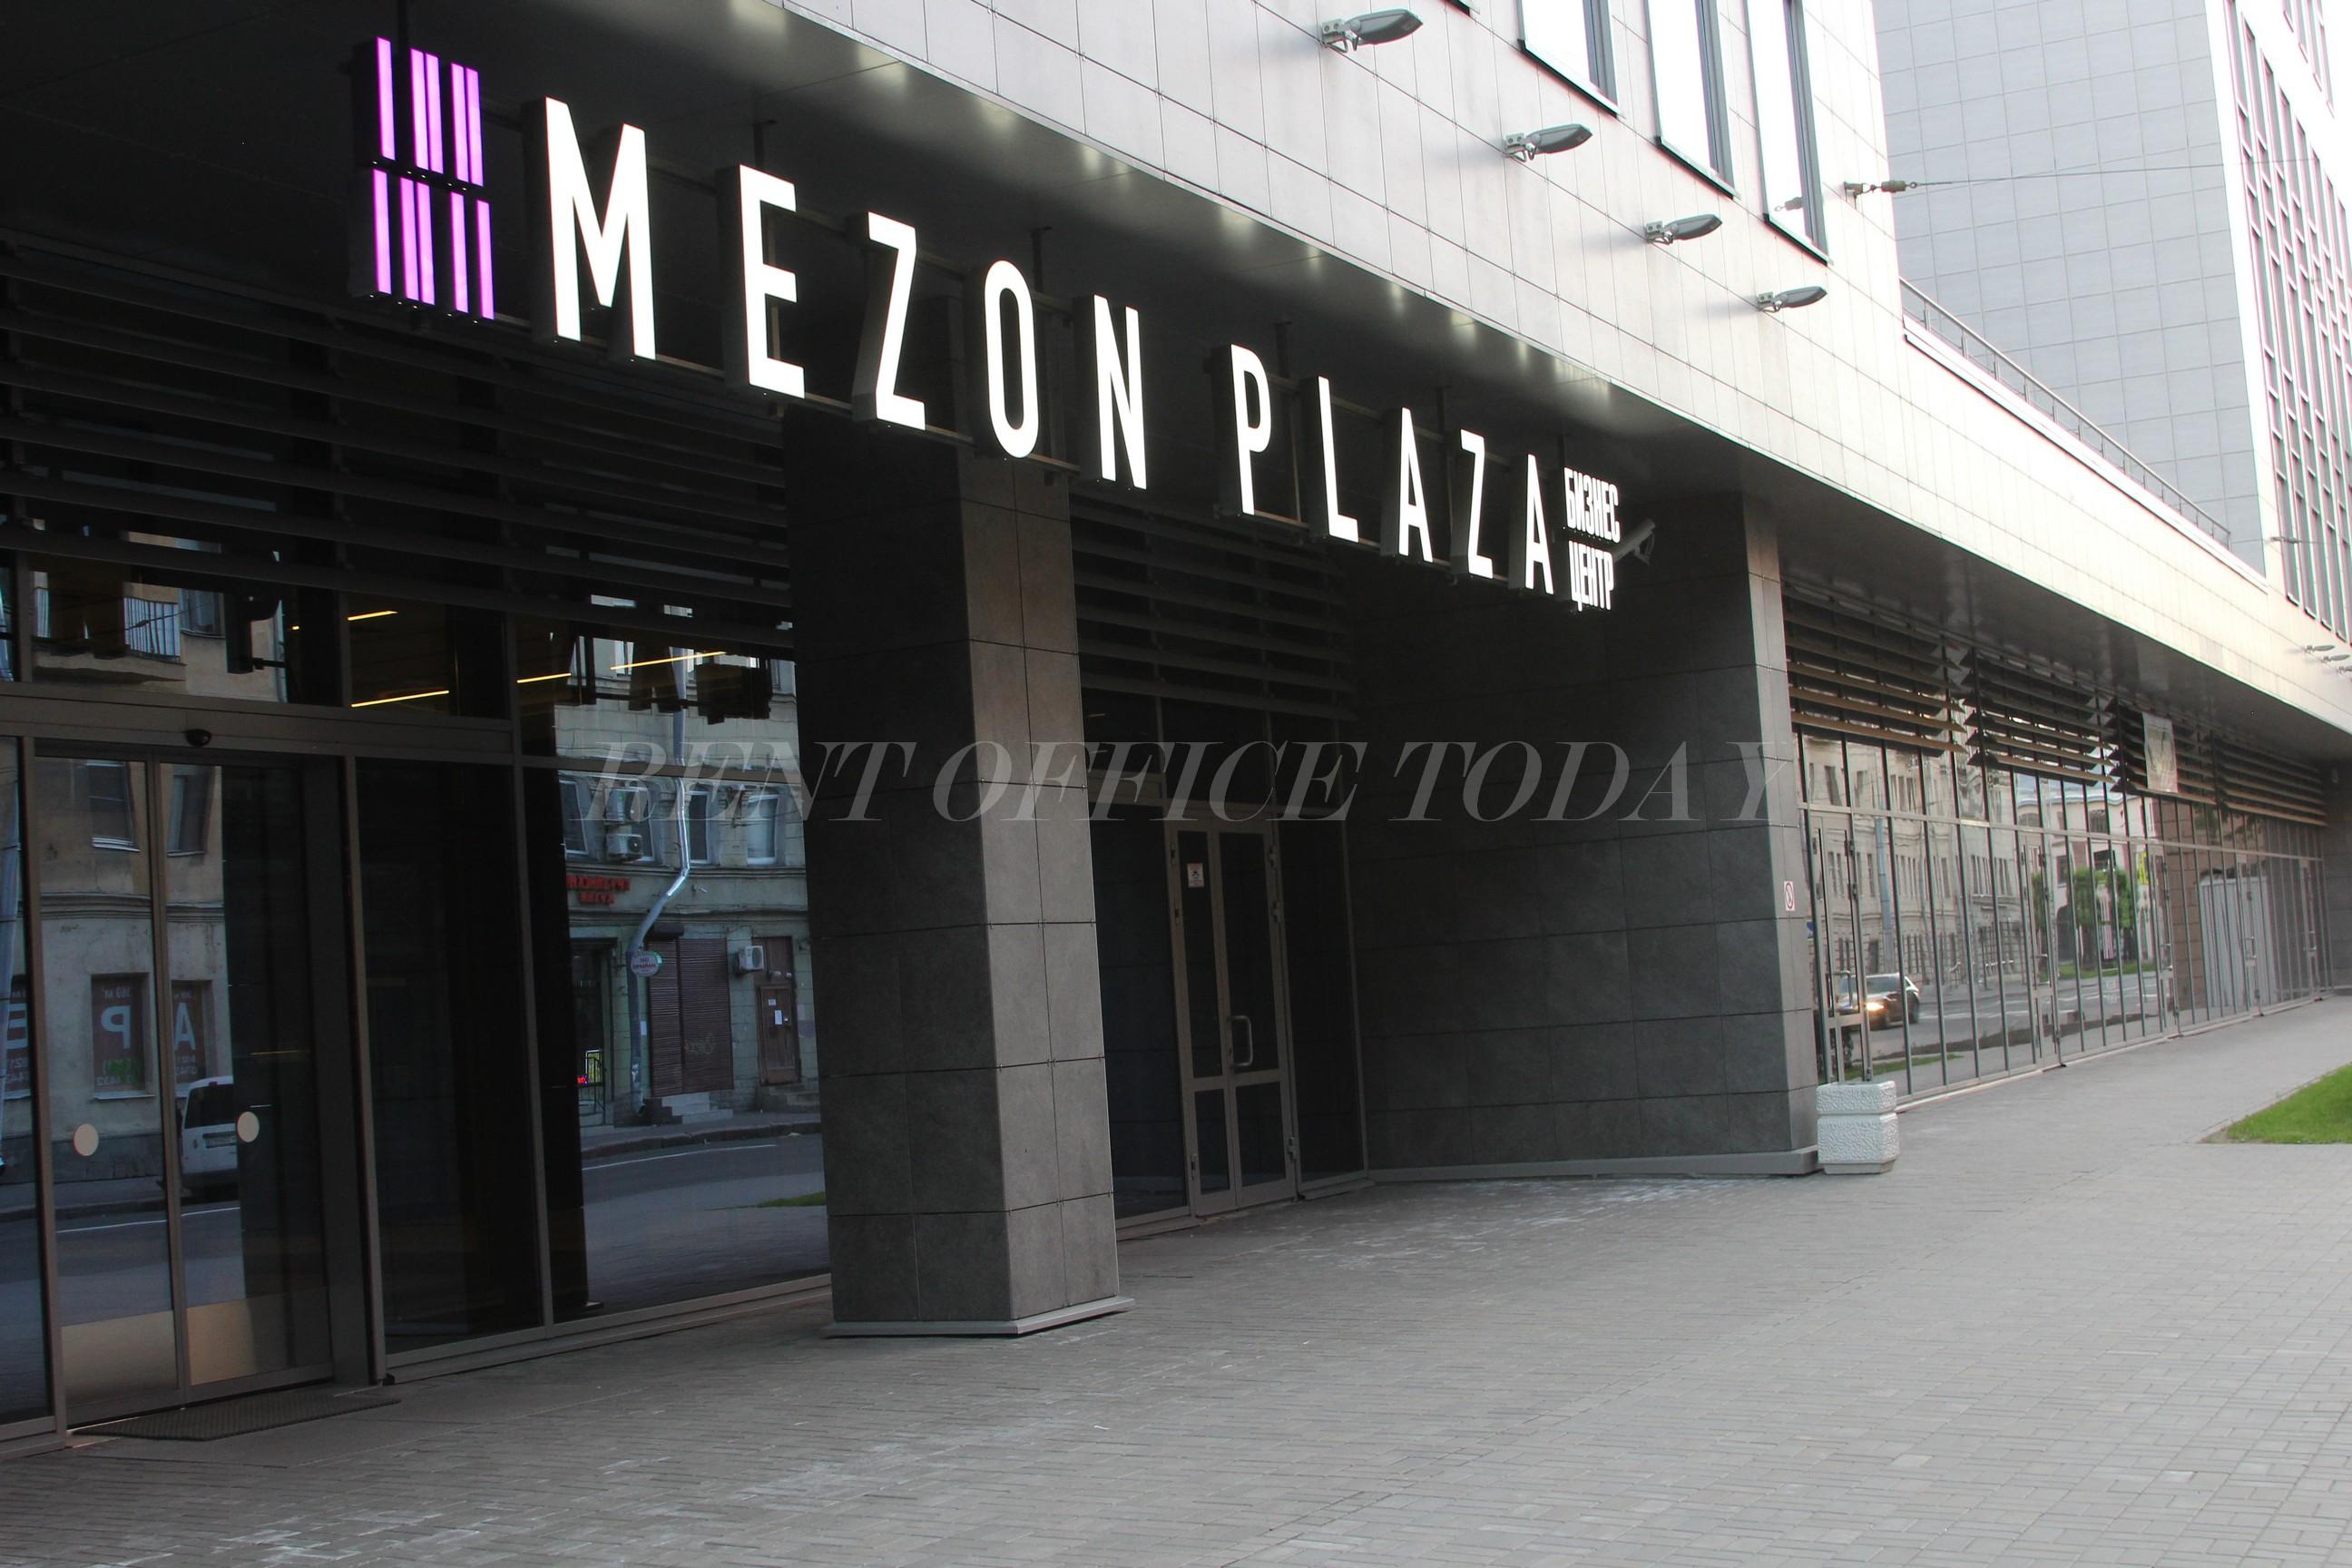 Mezon-Plaza-6